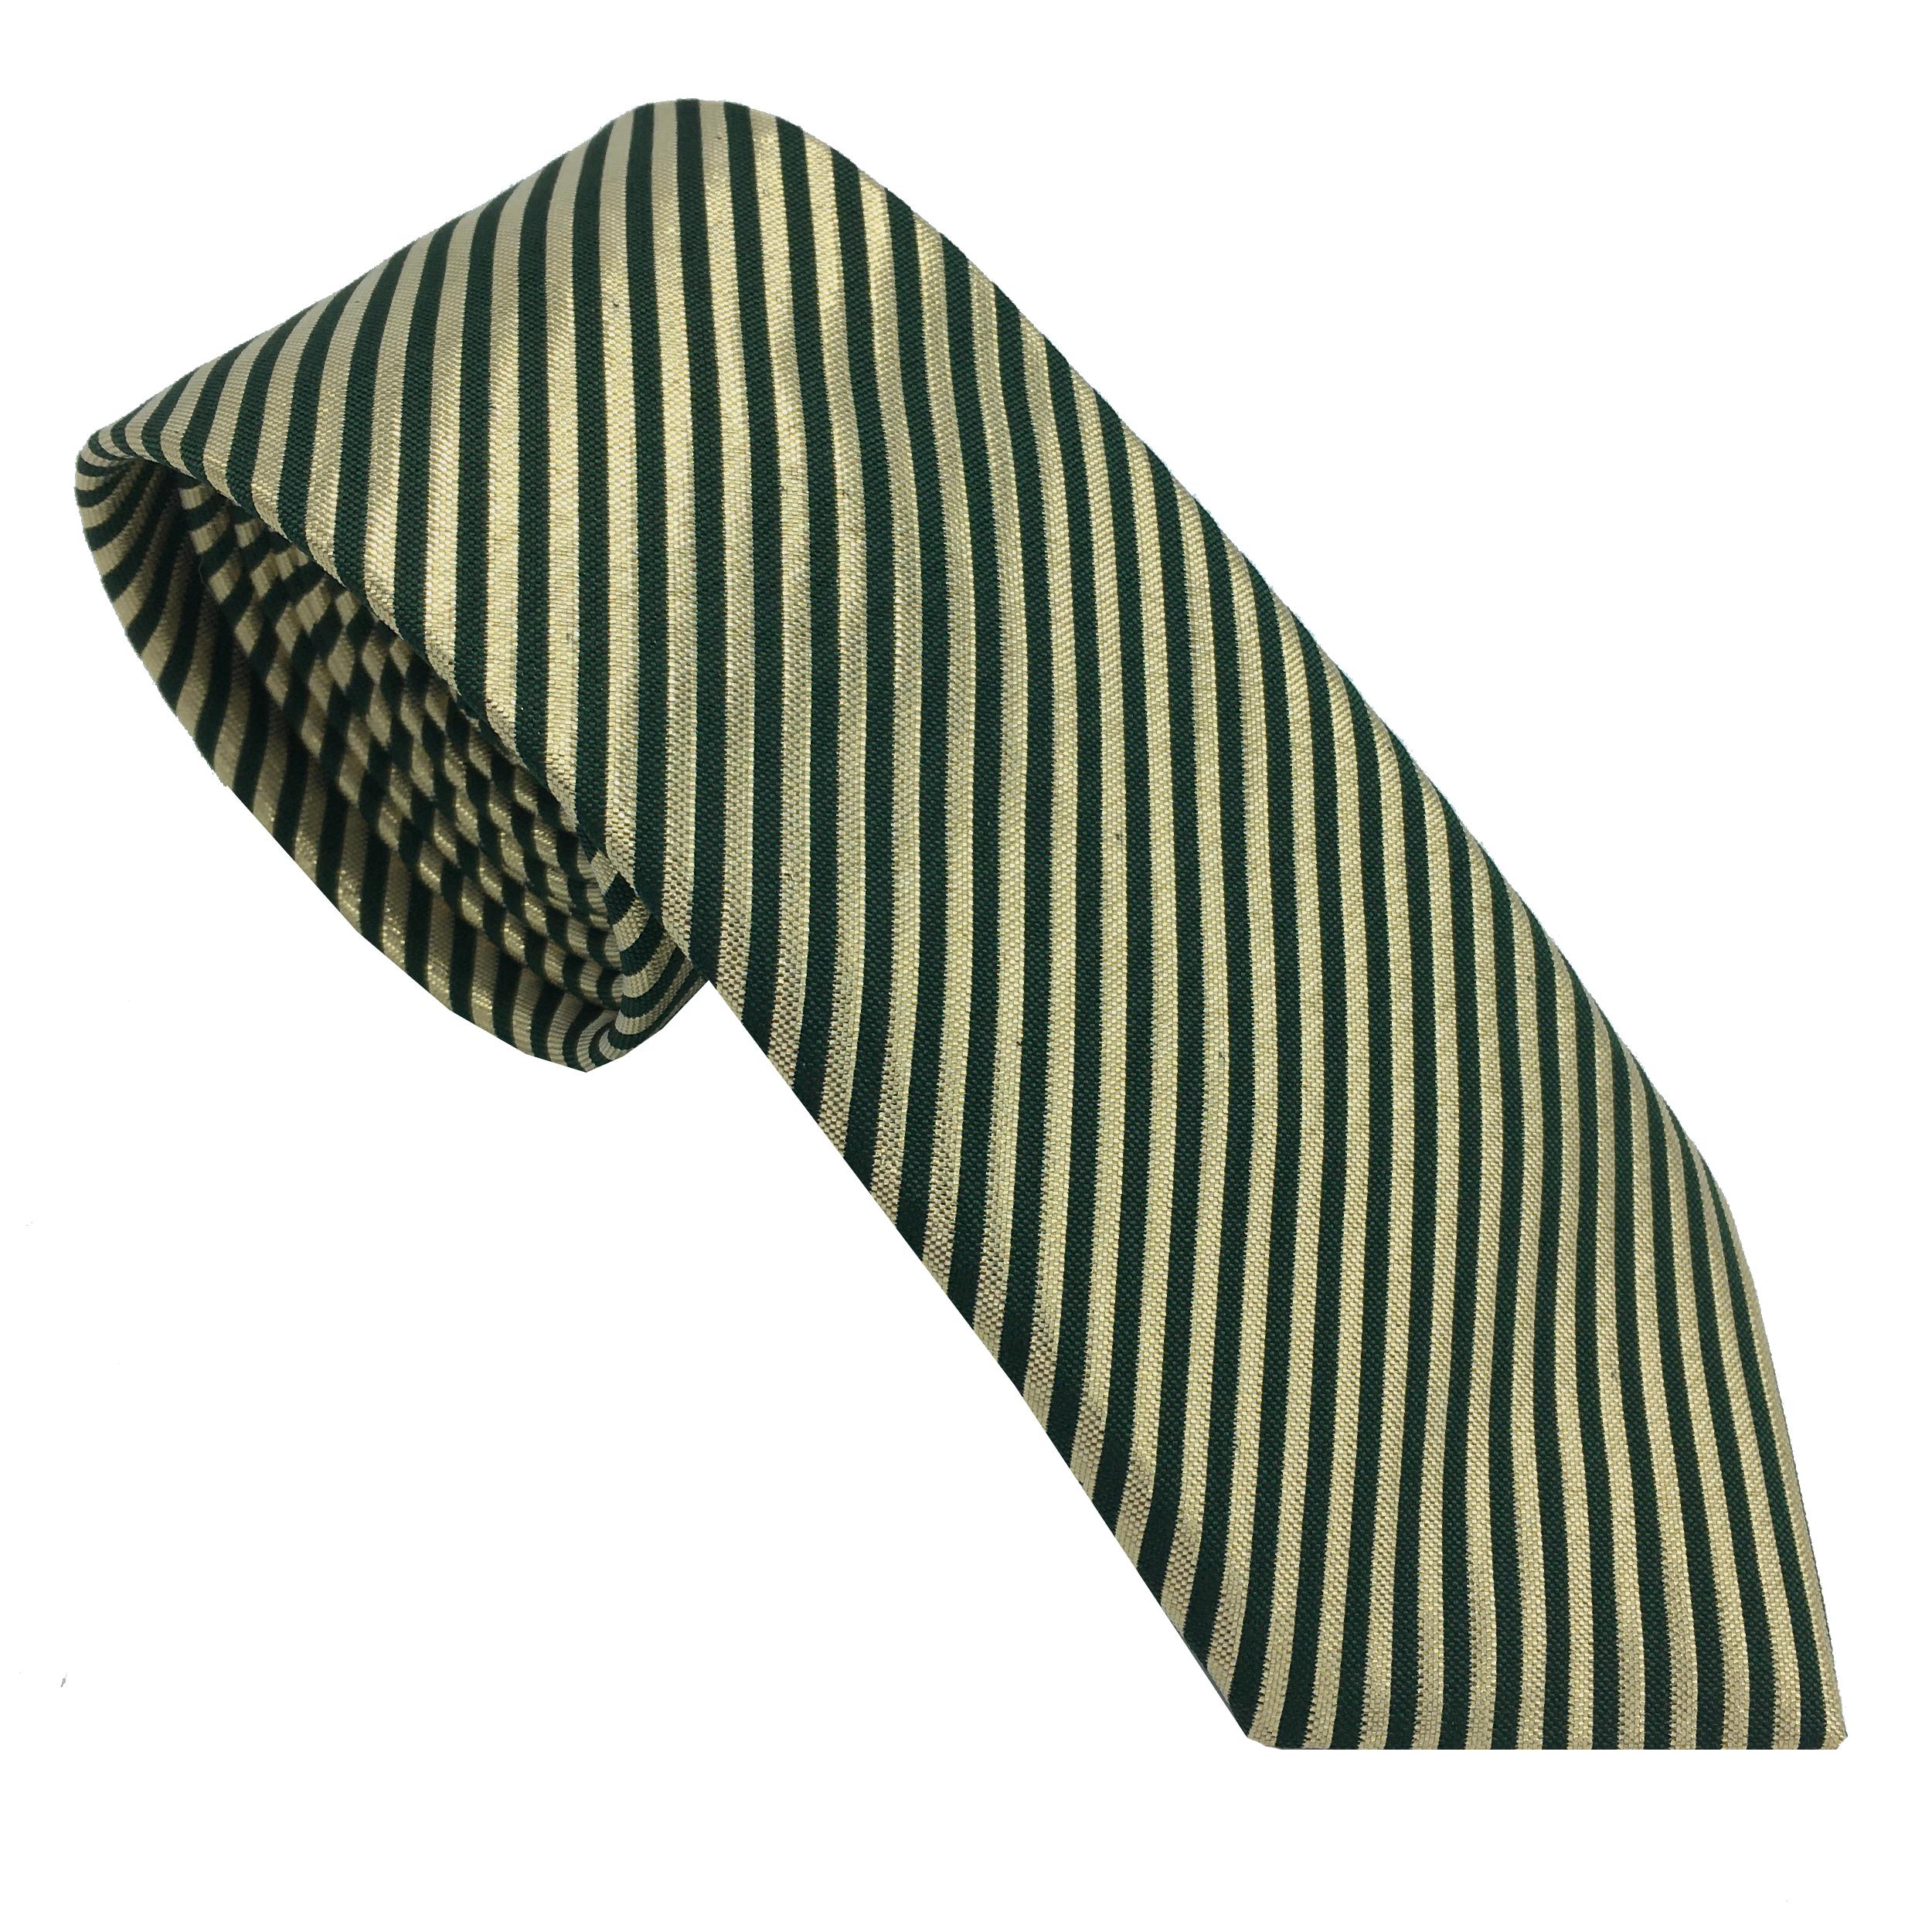 کراوات مردانه هکس ایران مدل KT-GD KJR2